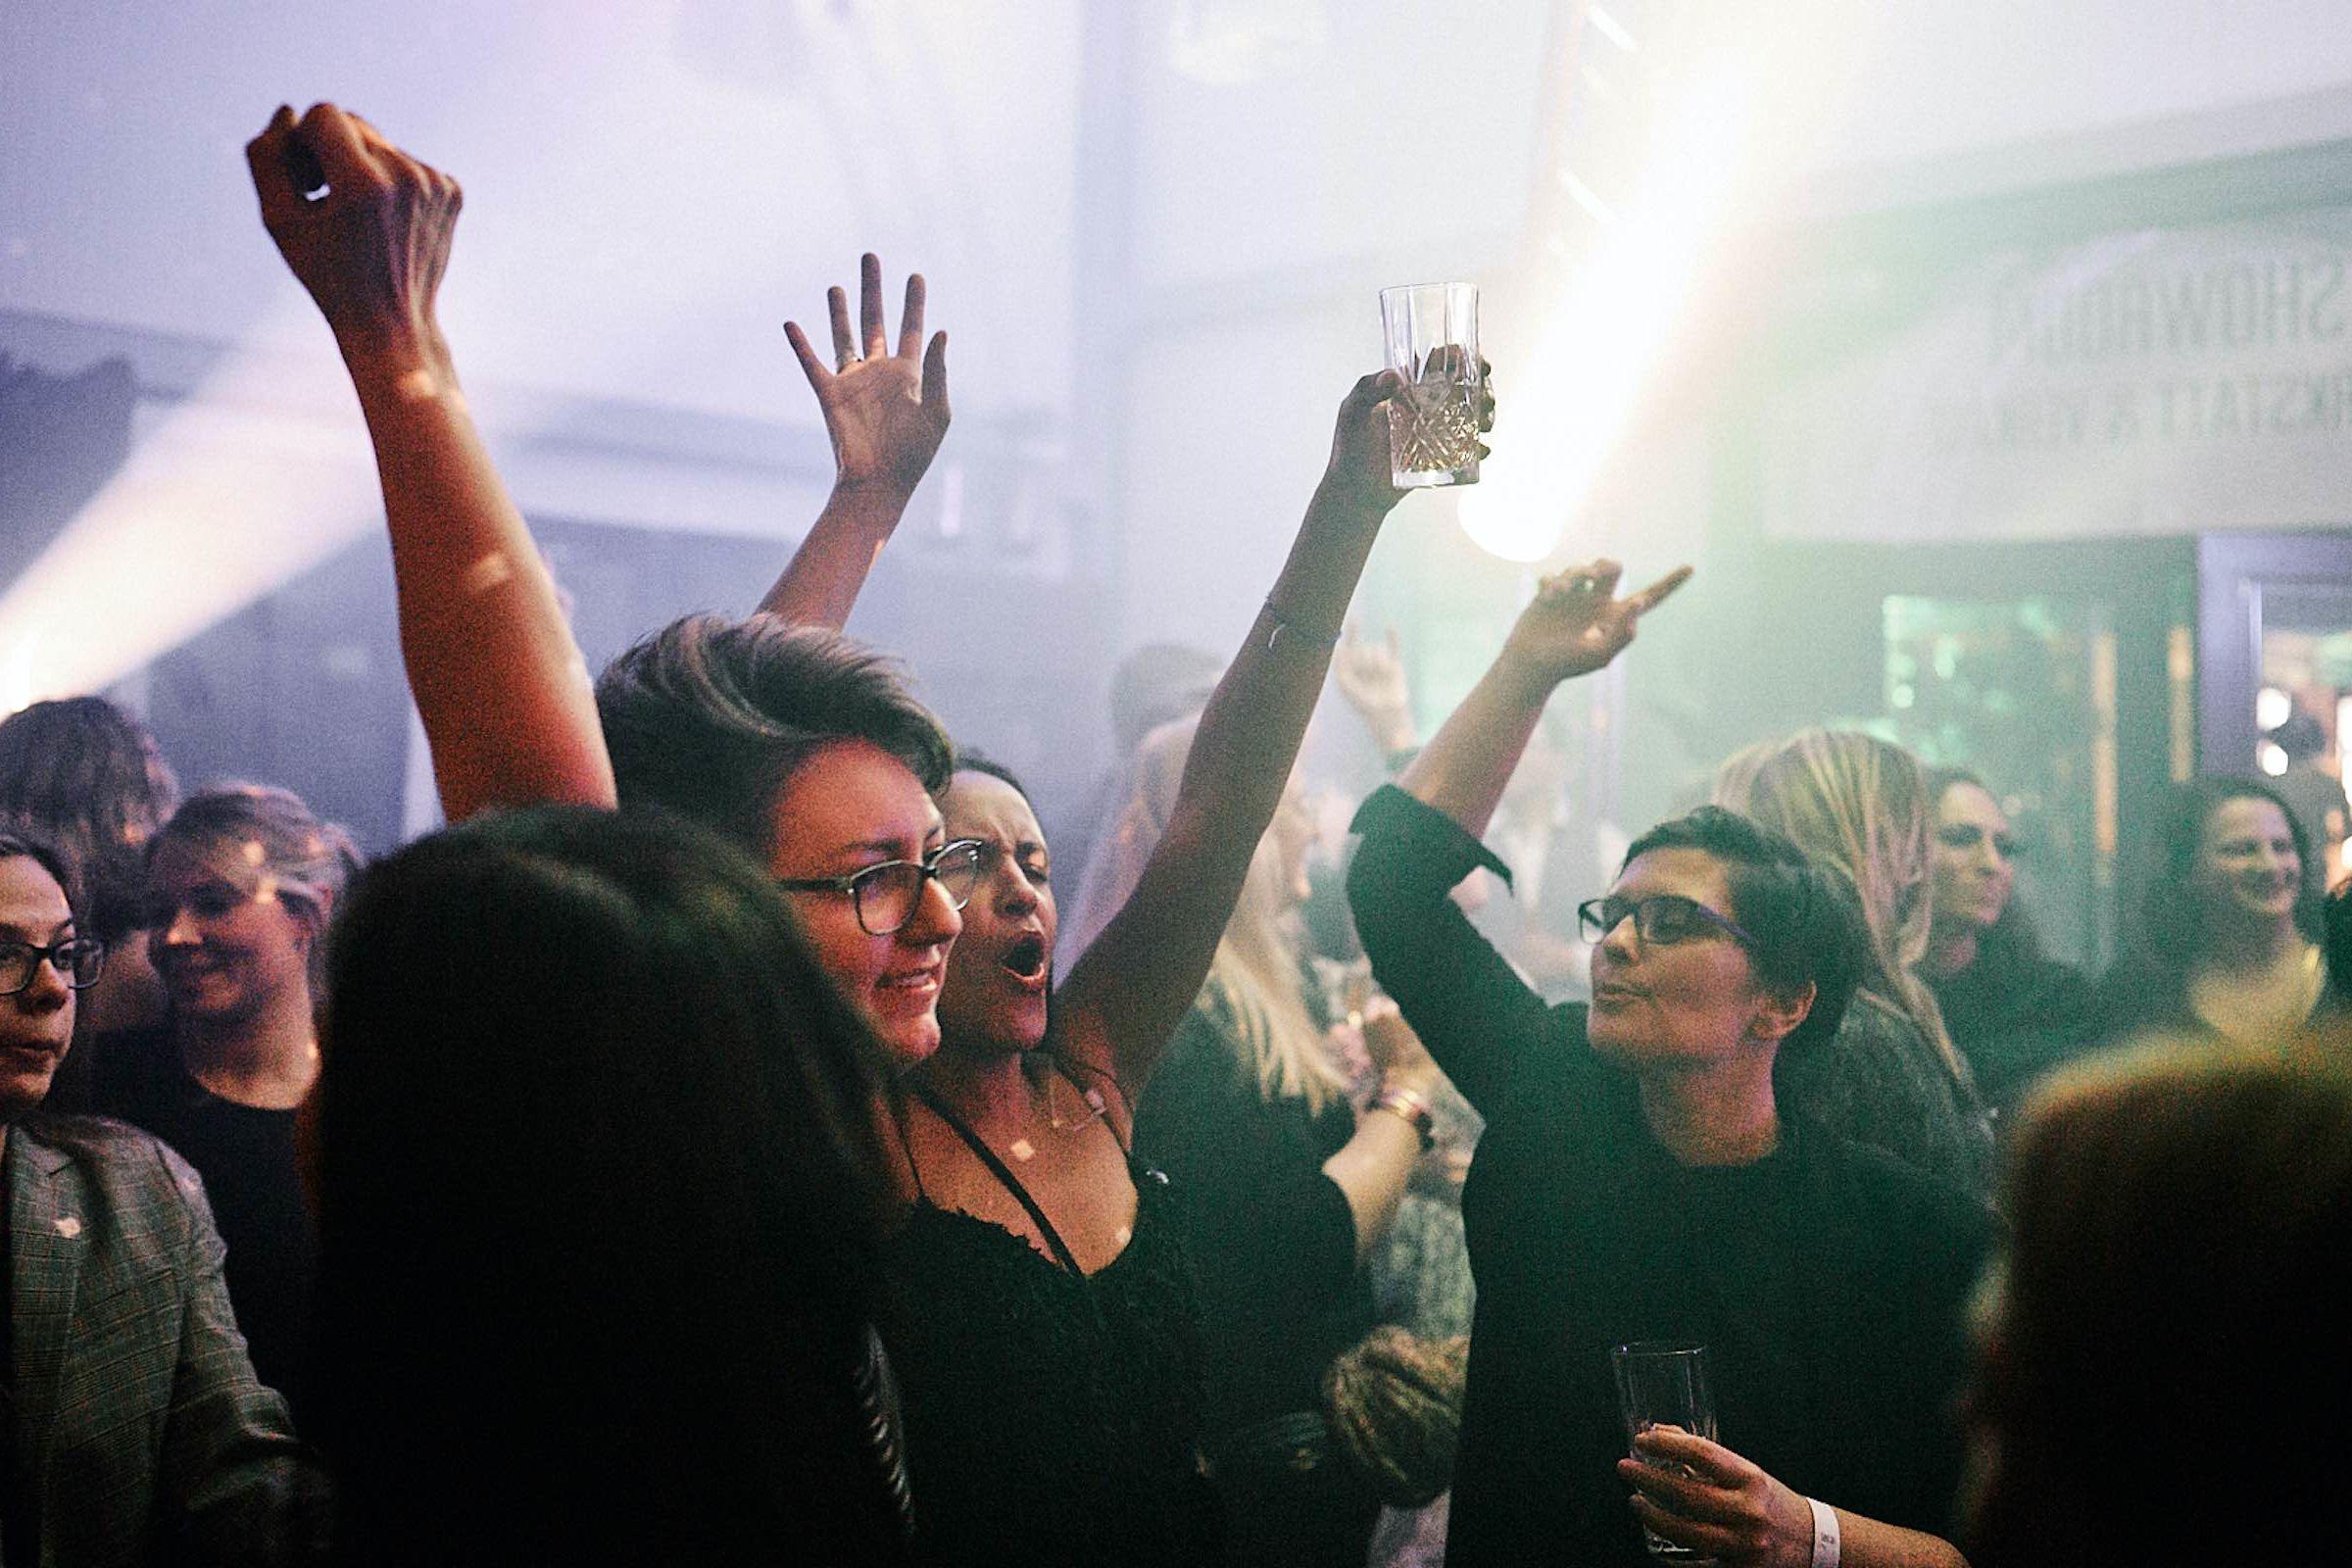 DJ |Hannover |DJ |Agentur |Hochzeit |DJ |Messe |DJ |Firmenevent |Firmenfeier |DJ |Geburtstag |DJ |Weihnachtsfeier |DJ |Sommerfest |Event |Buchen |Anfragen |Lehmann |Eventservice